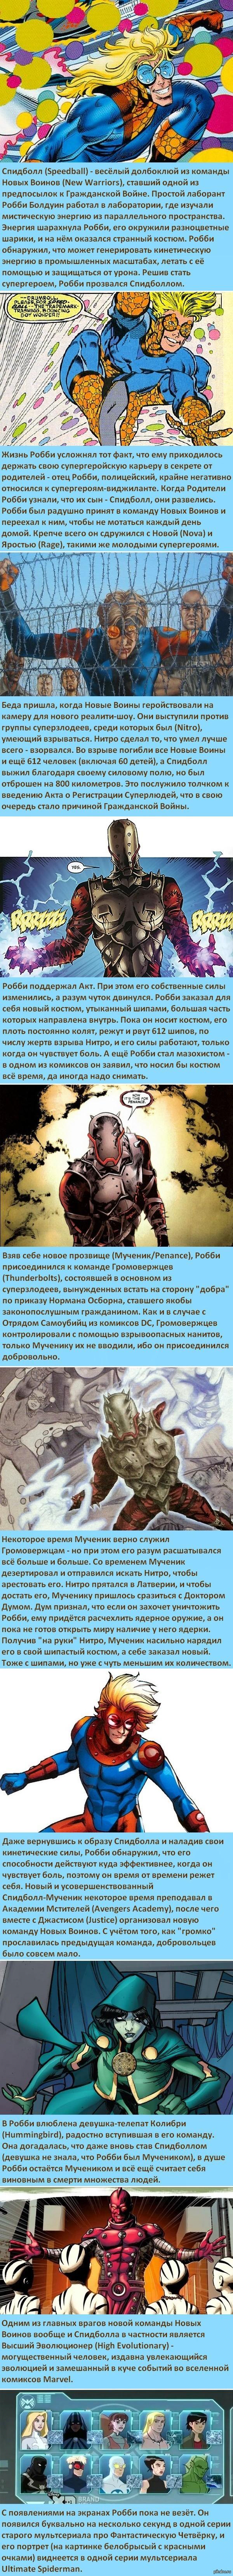 Факты о супергероях: Мученик Резкая смена имиджа. Очень резкая.